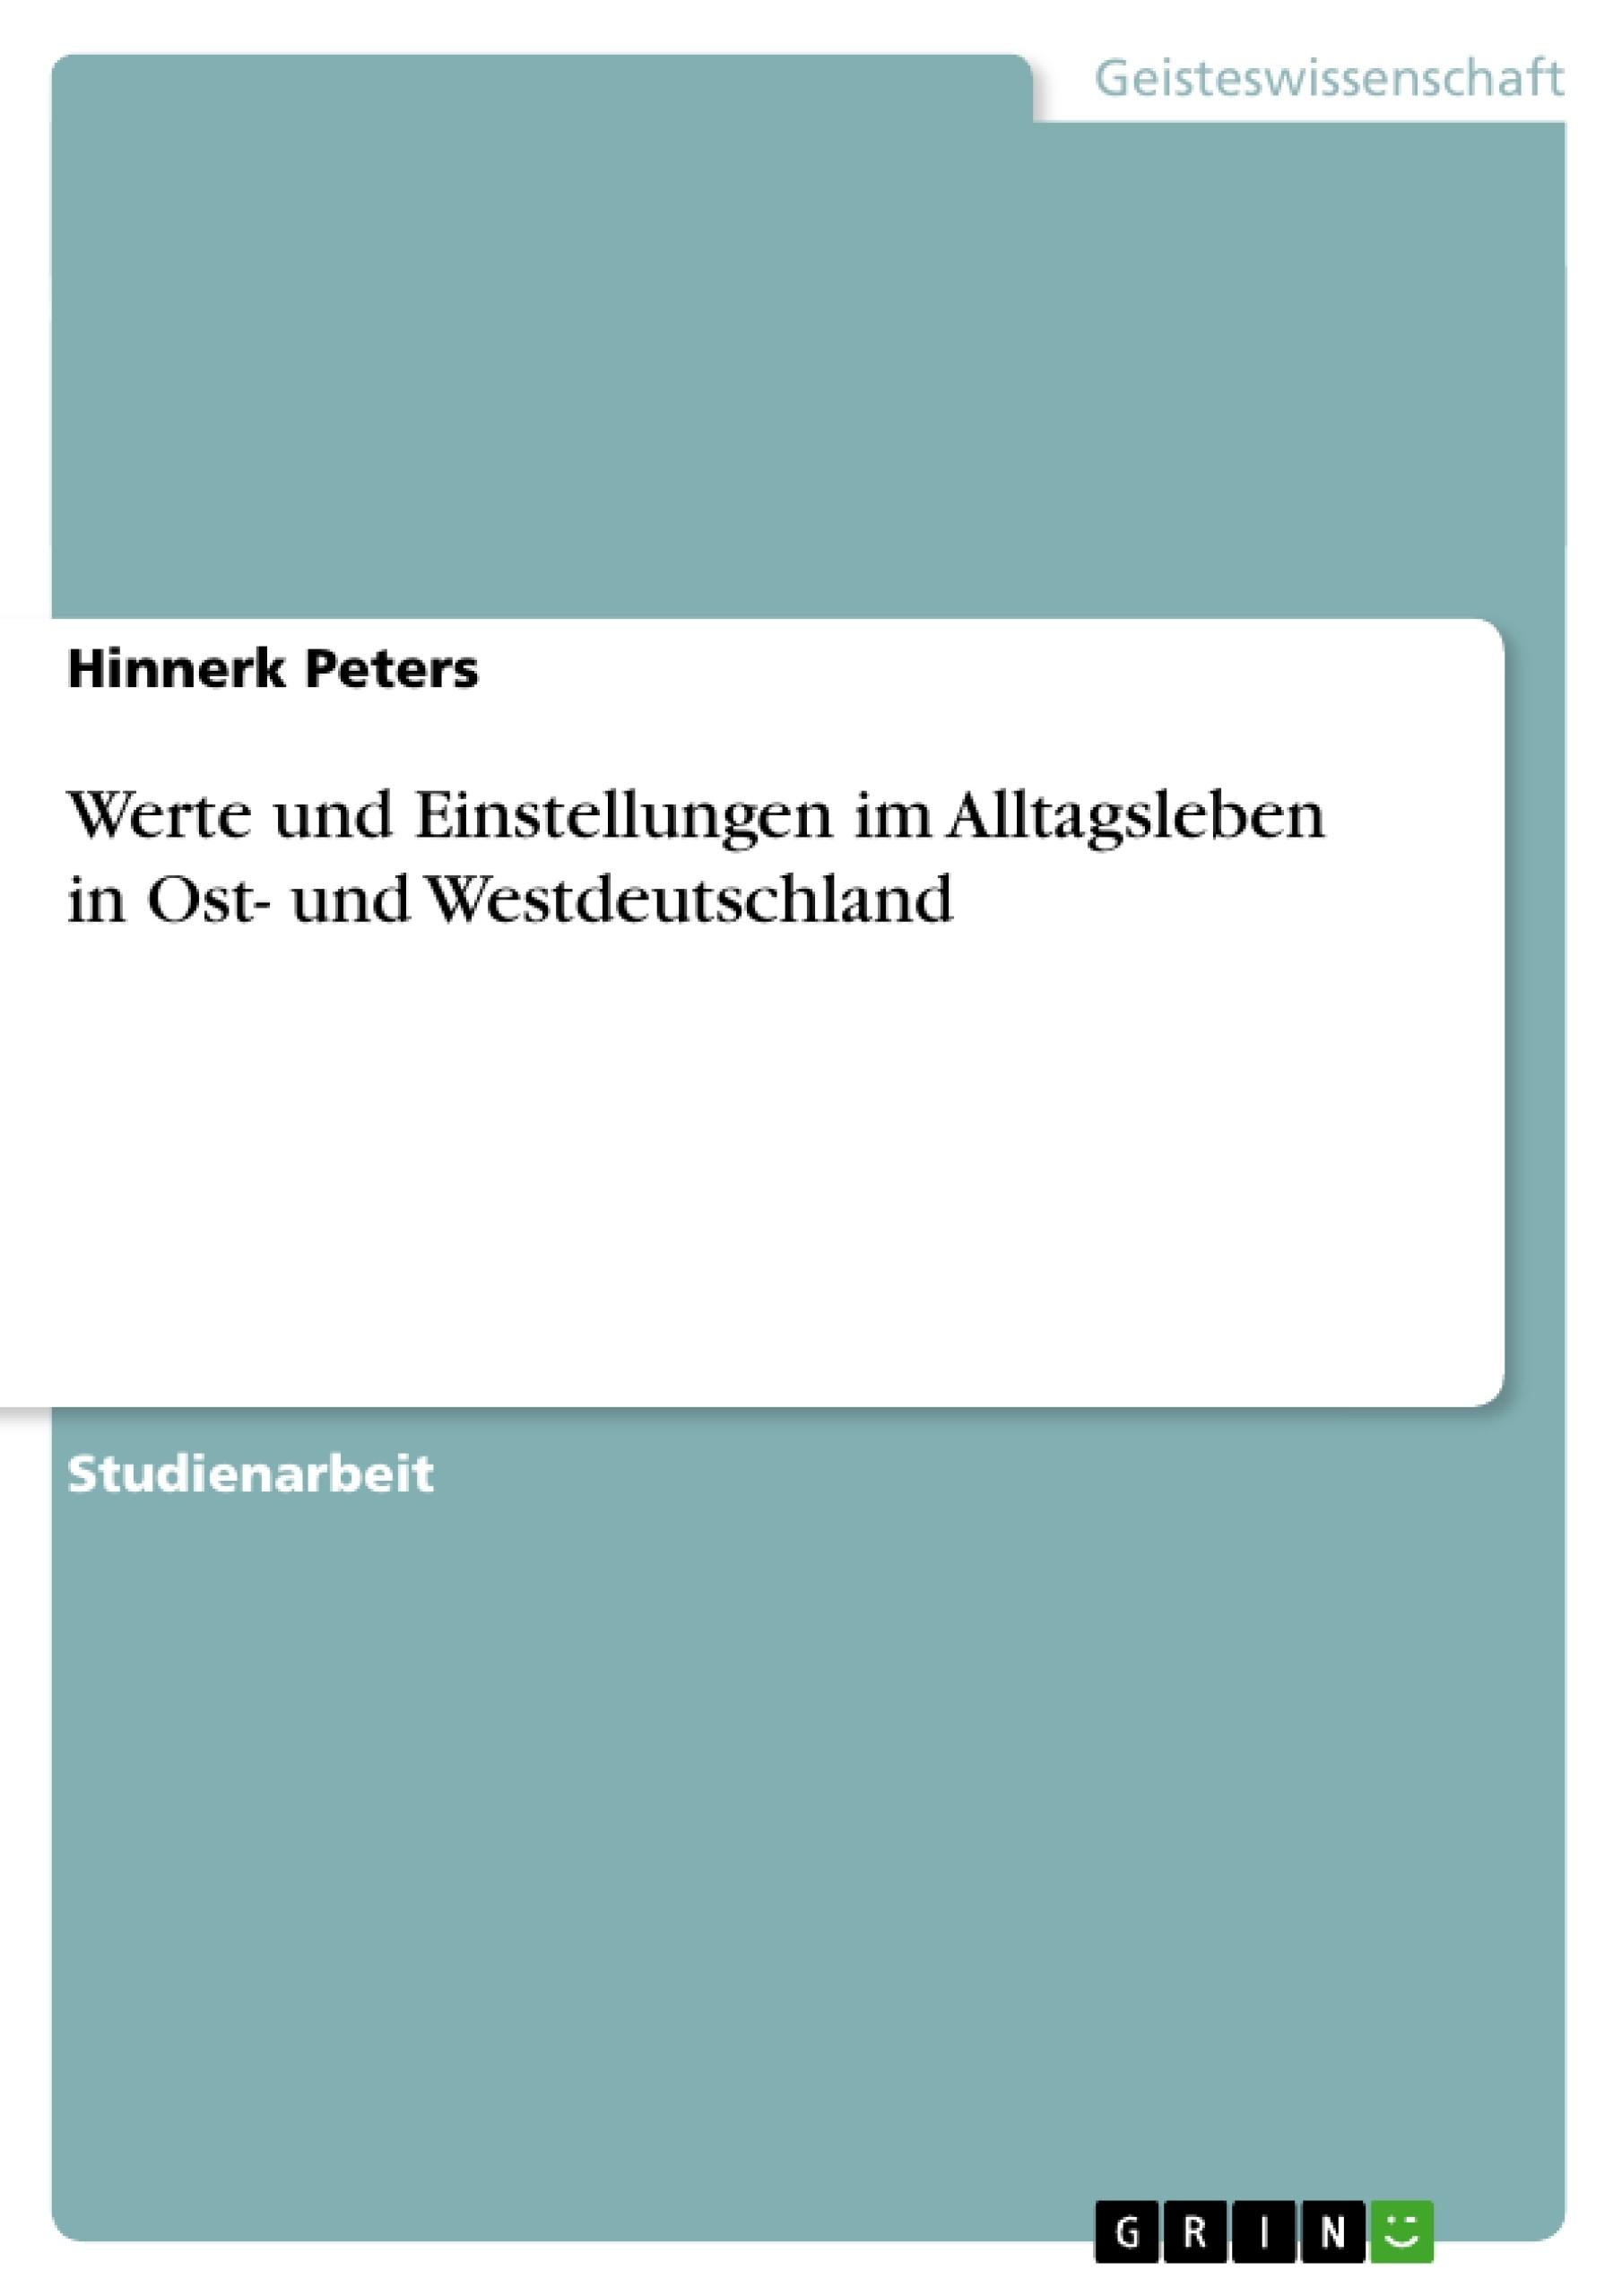 Titel: Werte und Einstellungen im Alltagsleben in Ost- und Westdeutschland